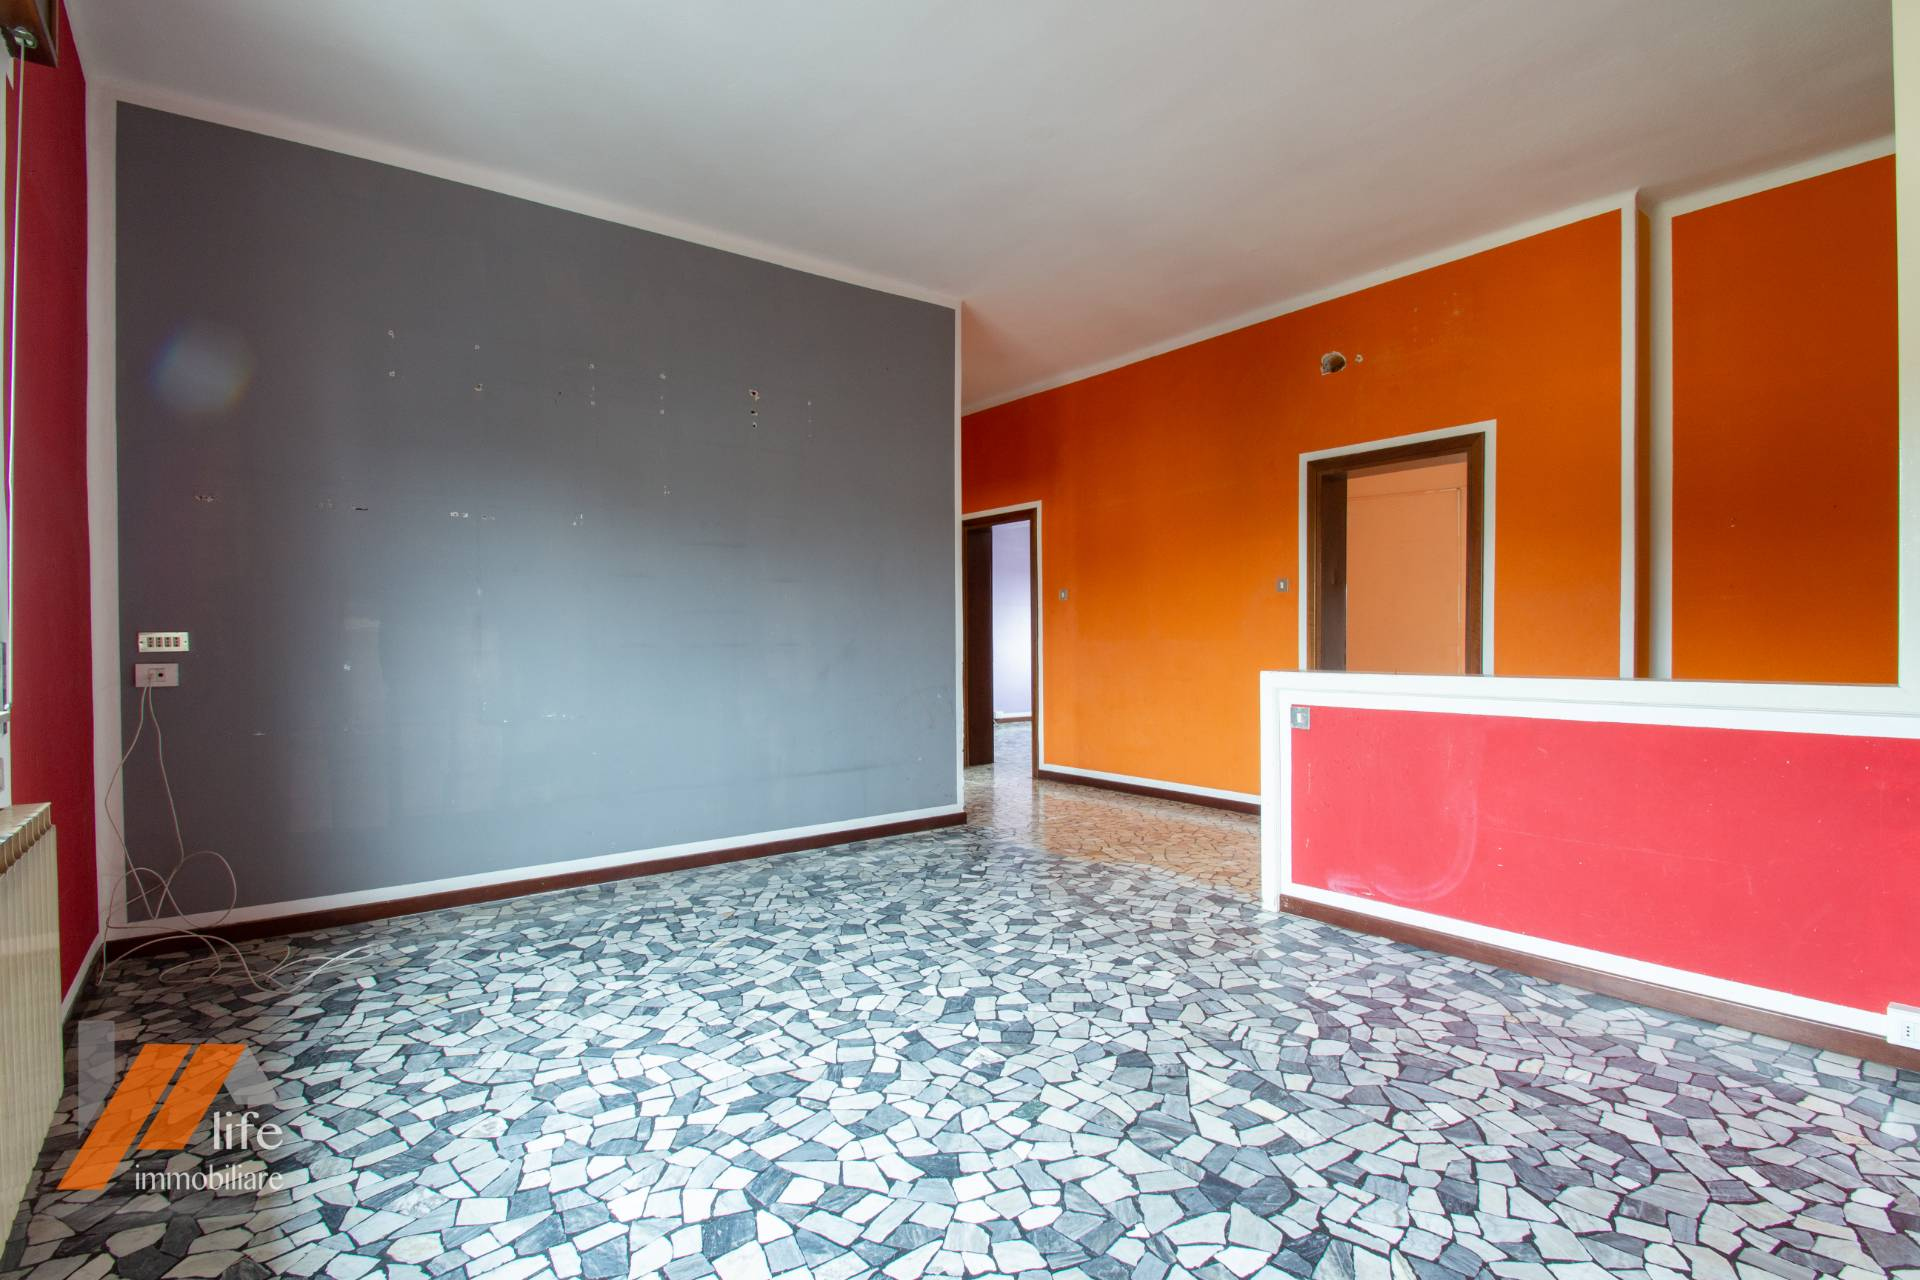 vicenza vendita quart: s. bortolo-ospedale-piscine life immobiliare